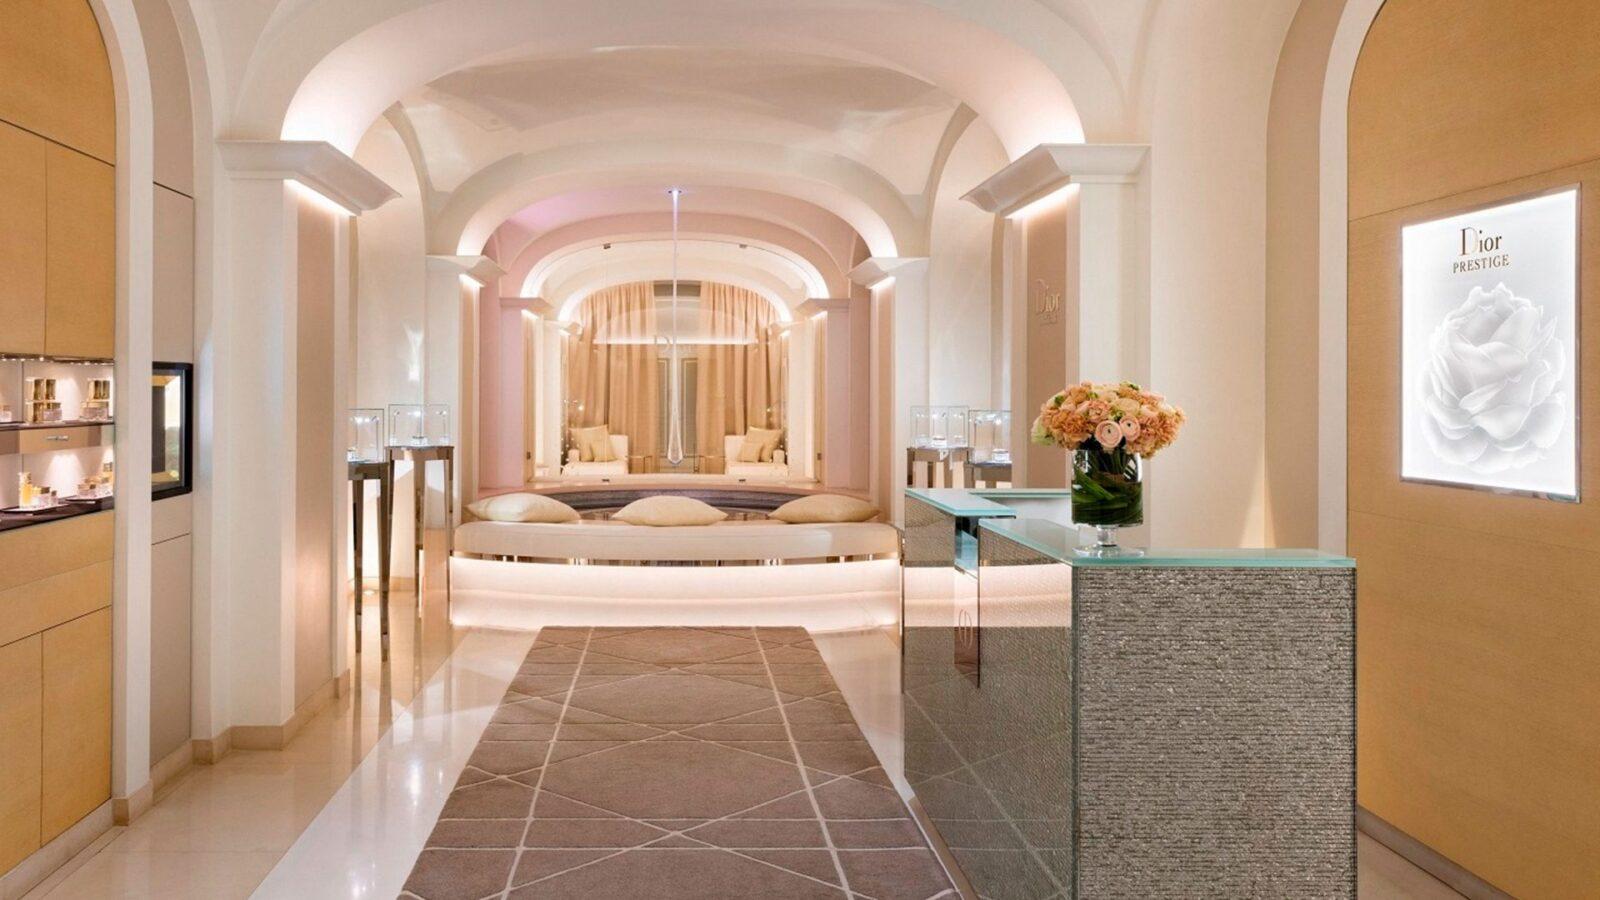 Dior institut au h tel plaza ath n e dorchester collection - Salon prestige organza ...